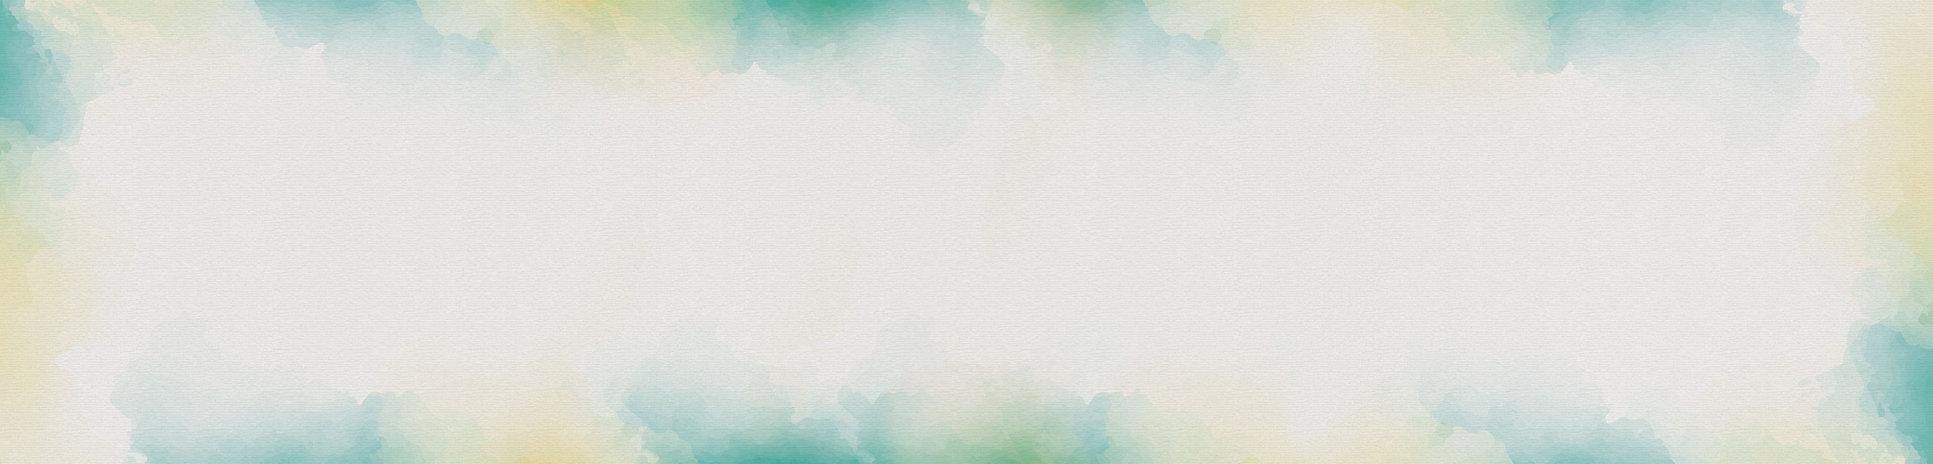 bg-01_web_+.jpg